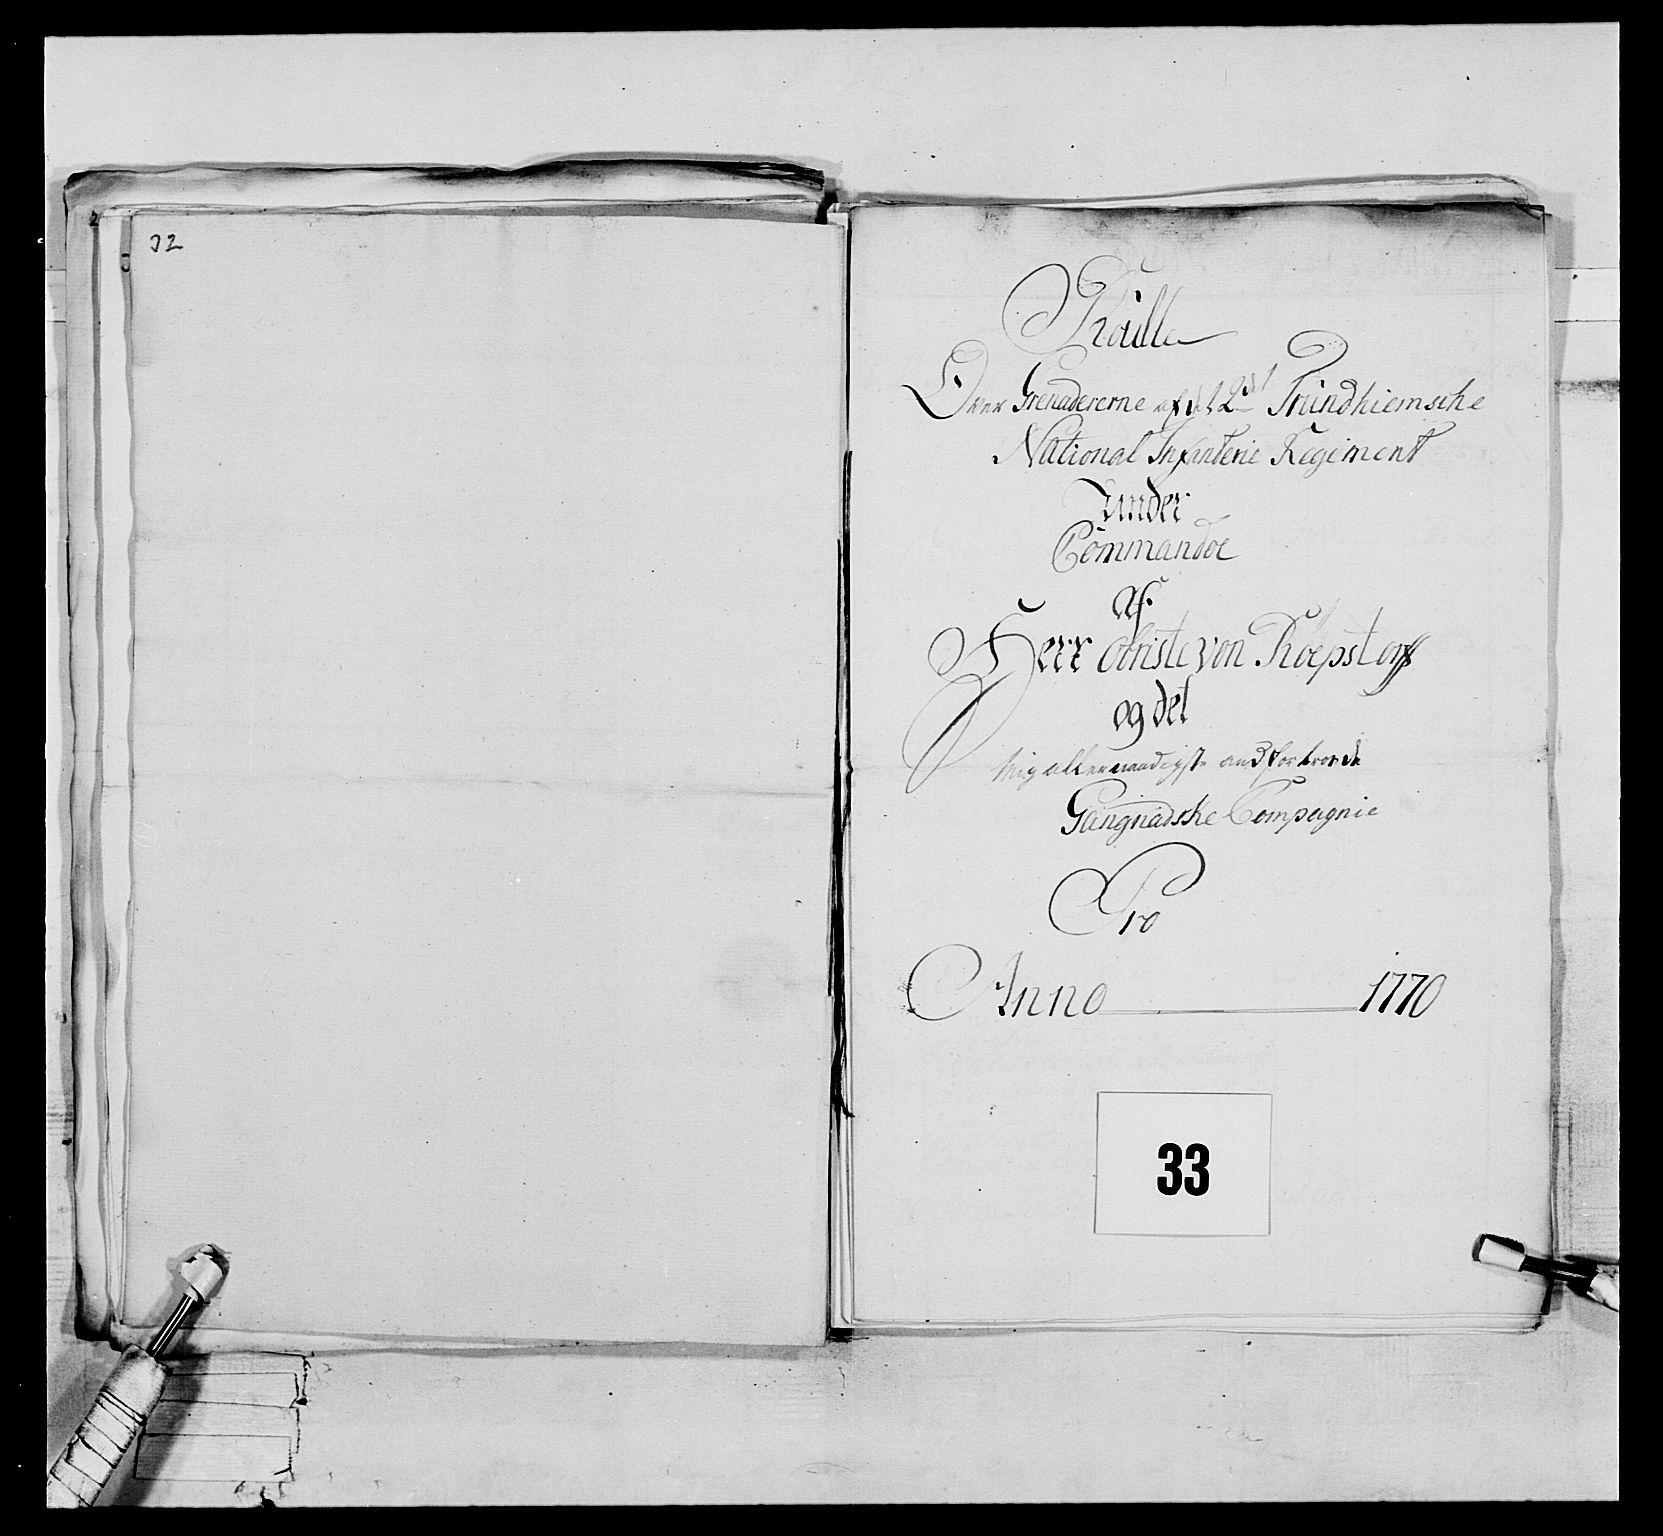 RA, Generalitets- og kommissariatskollegiet, Det kongelige norske kommissariatskollegium, E/Eh/L0076: 2. Trondheimske nasjonale infanteriregiment, 1766-1773, s. 98